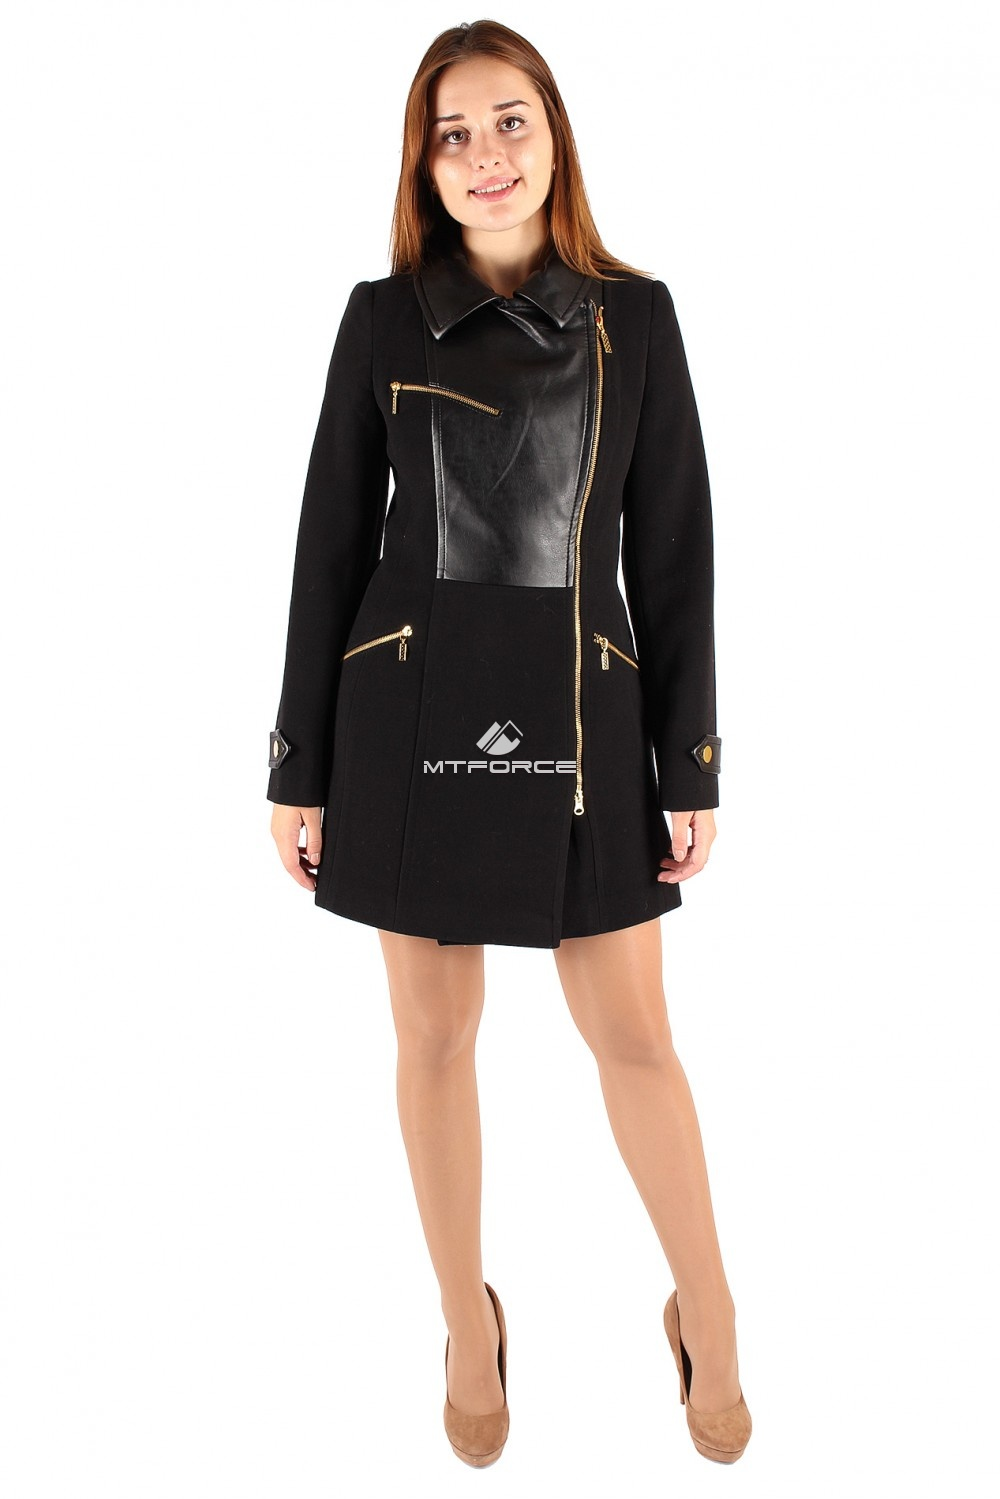 Купить                                  оптом Пальто женское черного цвета 355Ch в Санкт-Петербурге